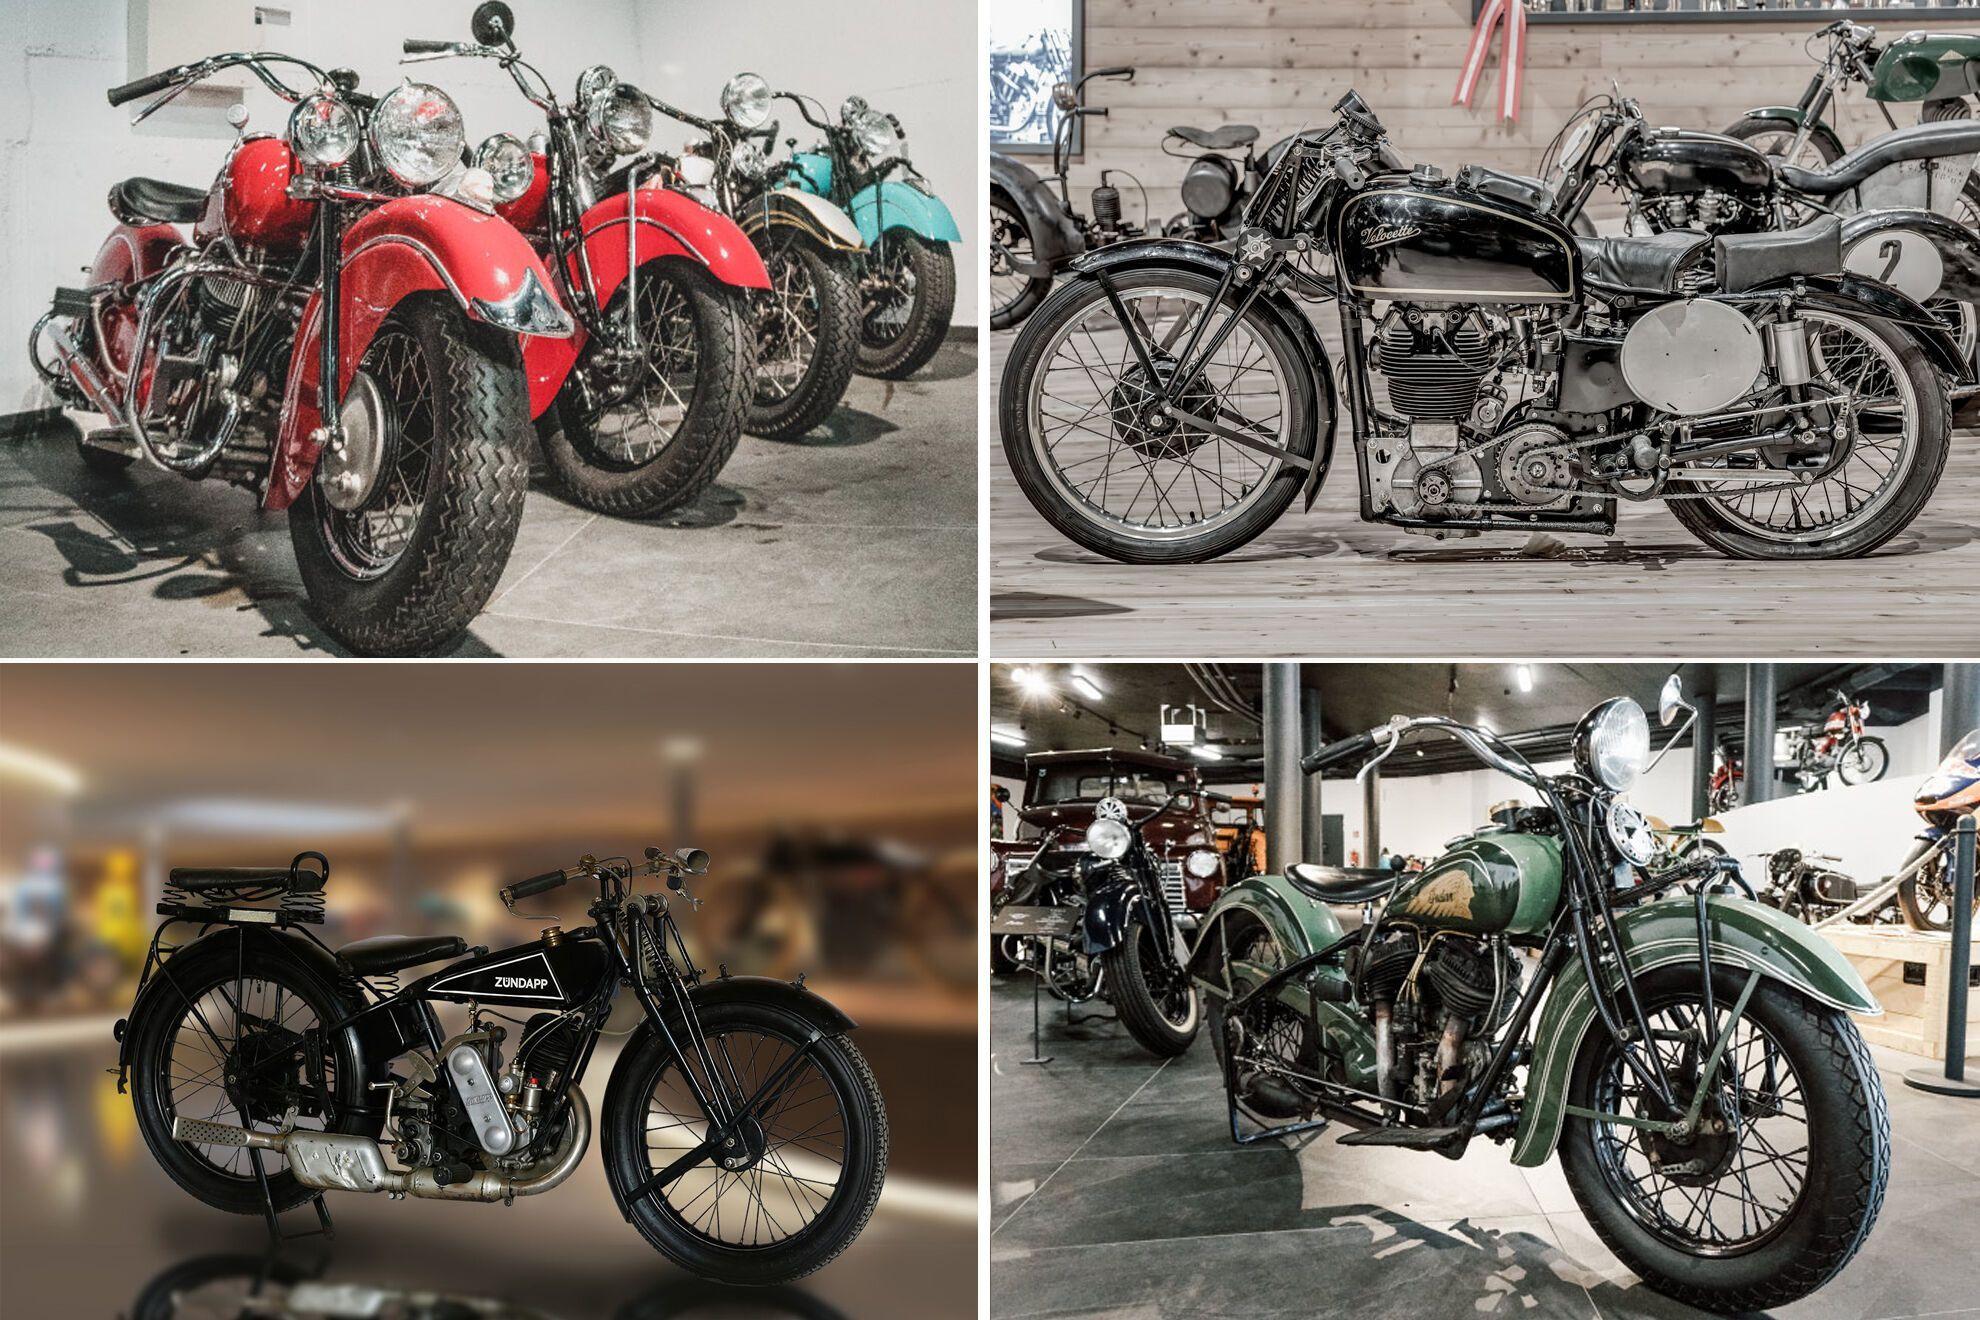 Побачити рідкісні мотоцикли з колекції тепер можна тільки на фотографіях на фірмовому сайті музею